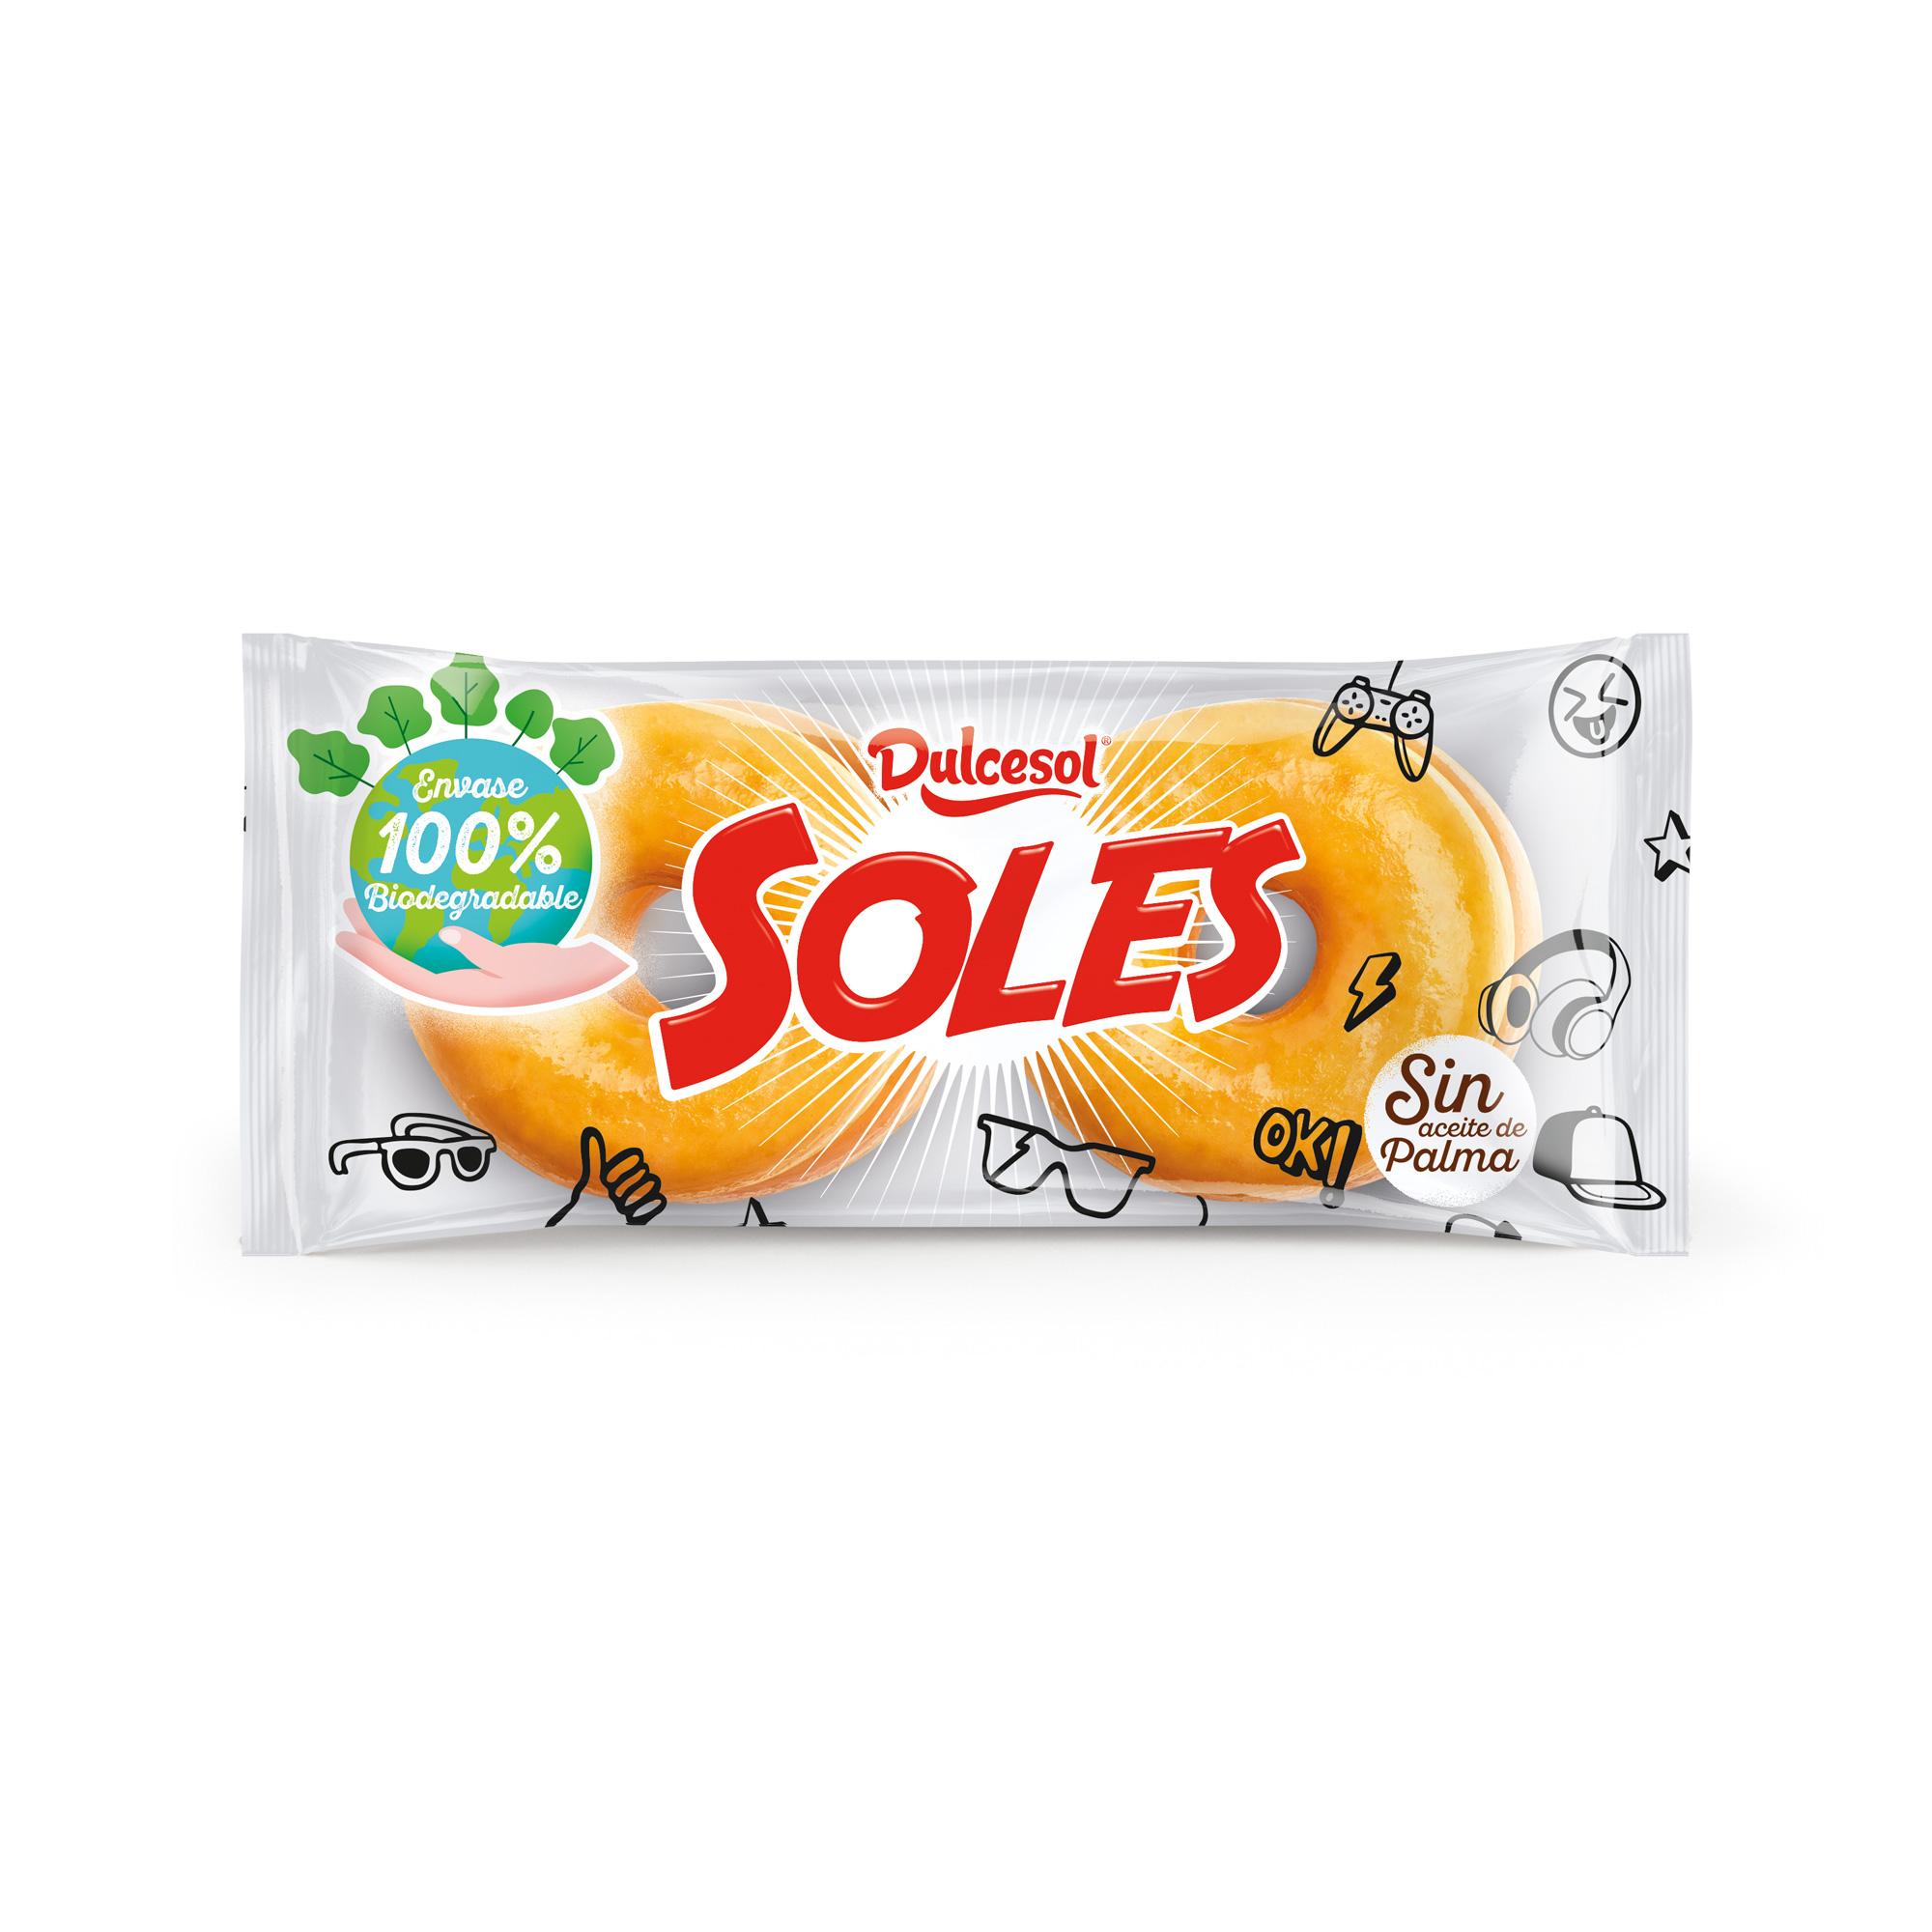 Soles® azucar 4u